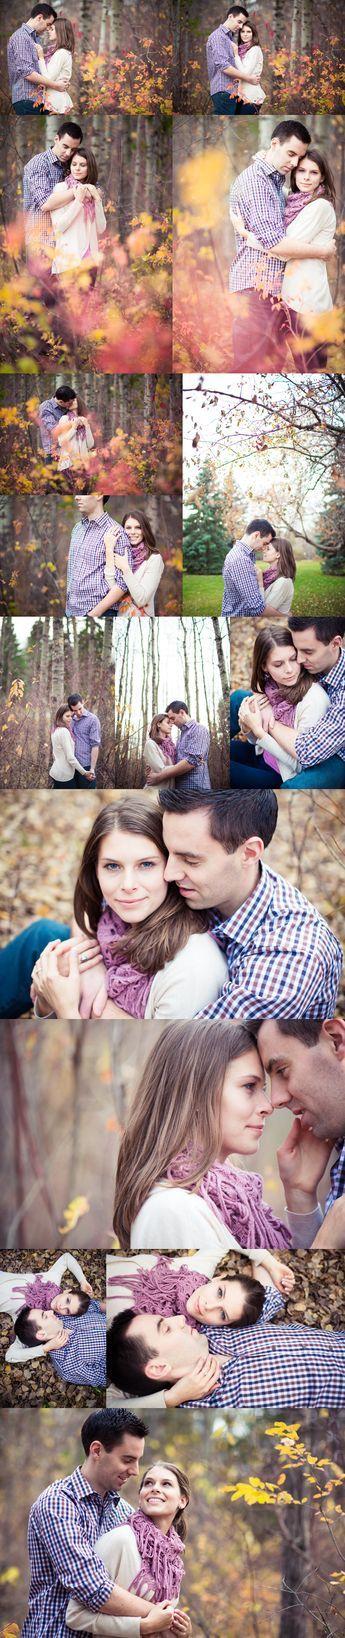 edmonton wedding photographer, edmonton wedding photography